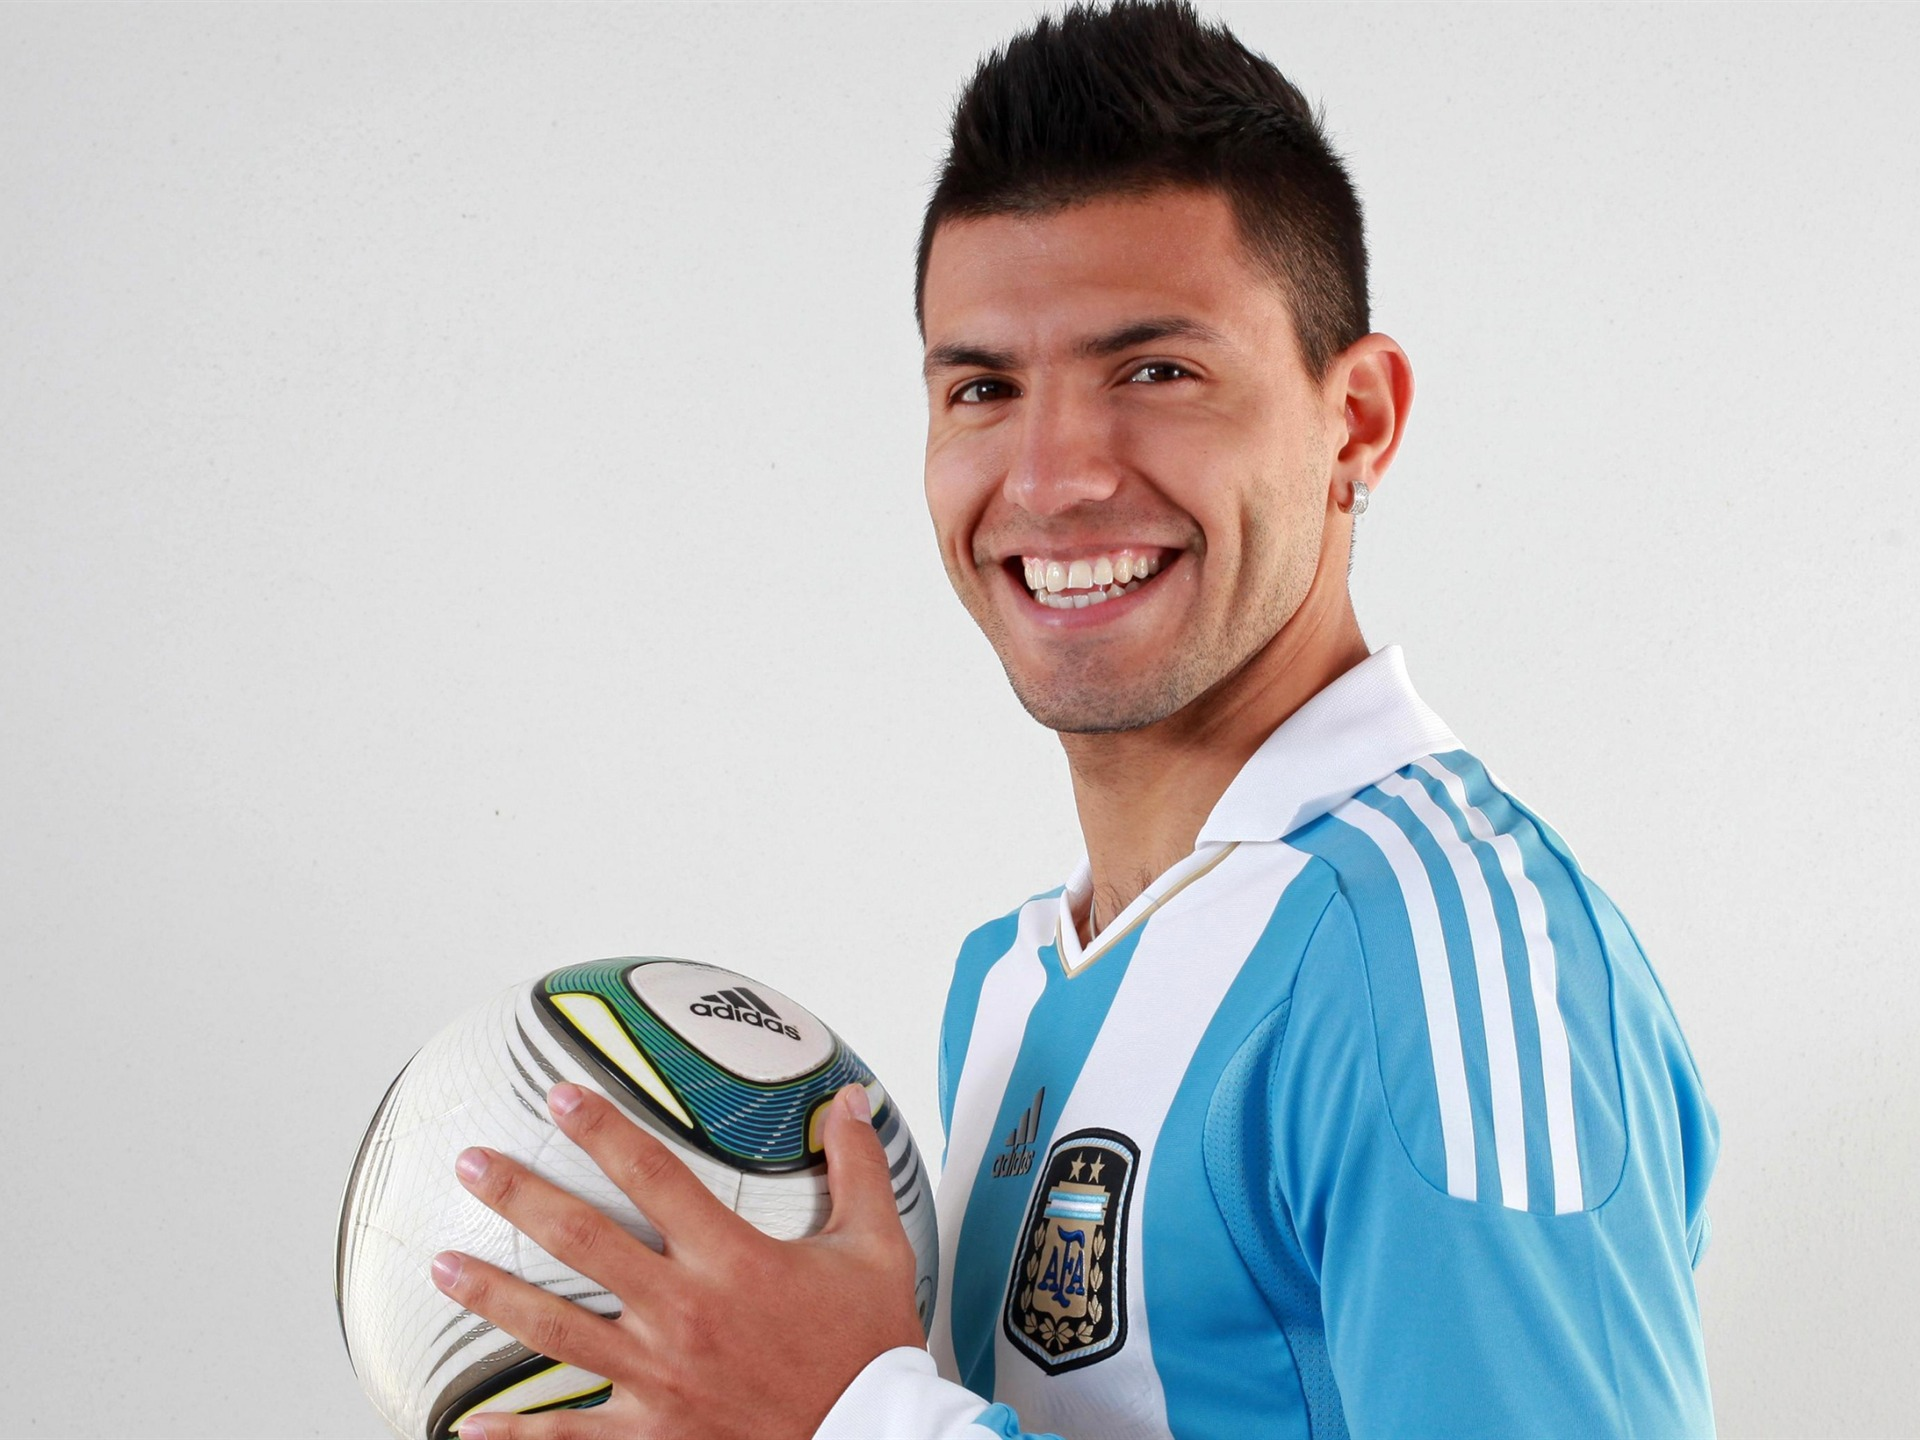 Sergio Aguero-2016 Football Star HD Fondo De Pantalla